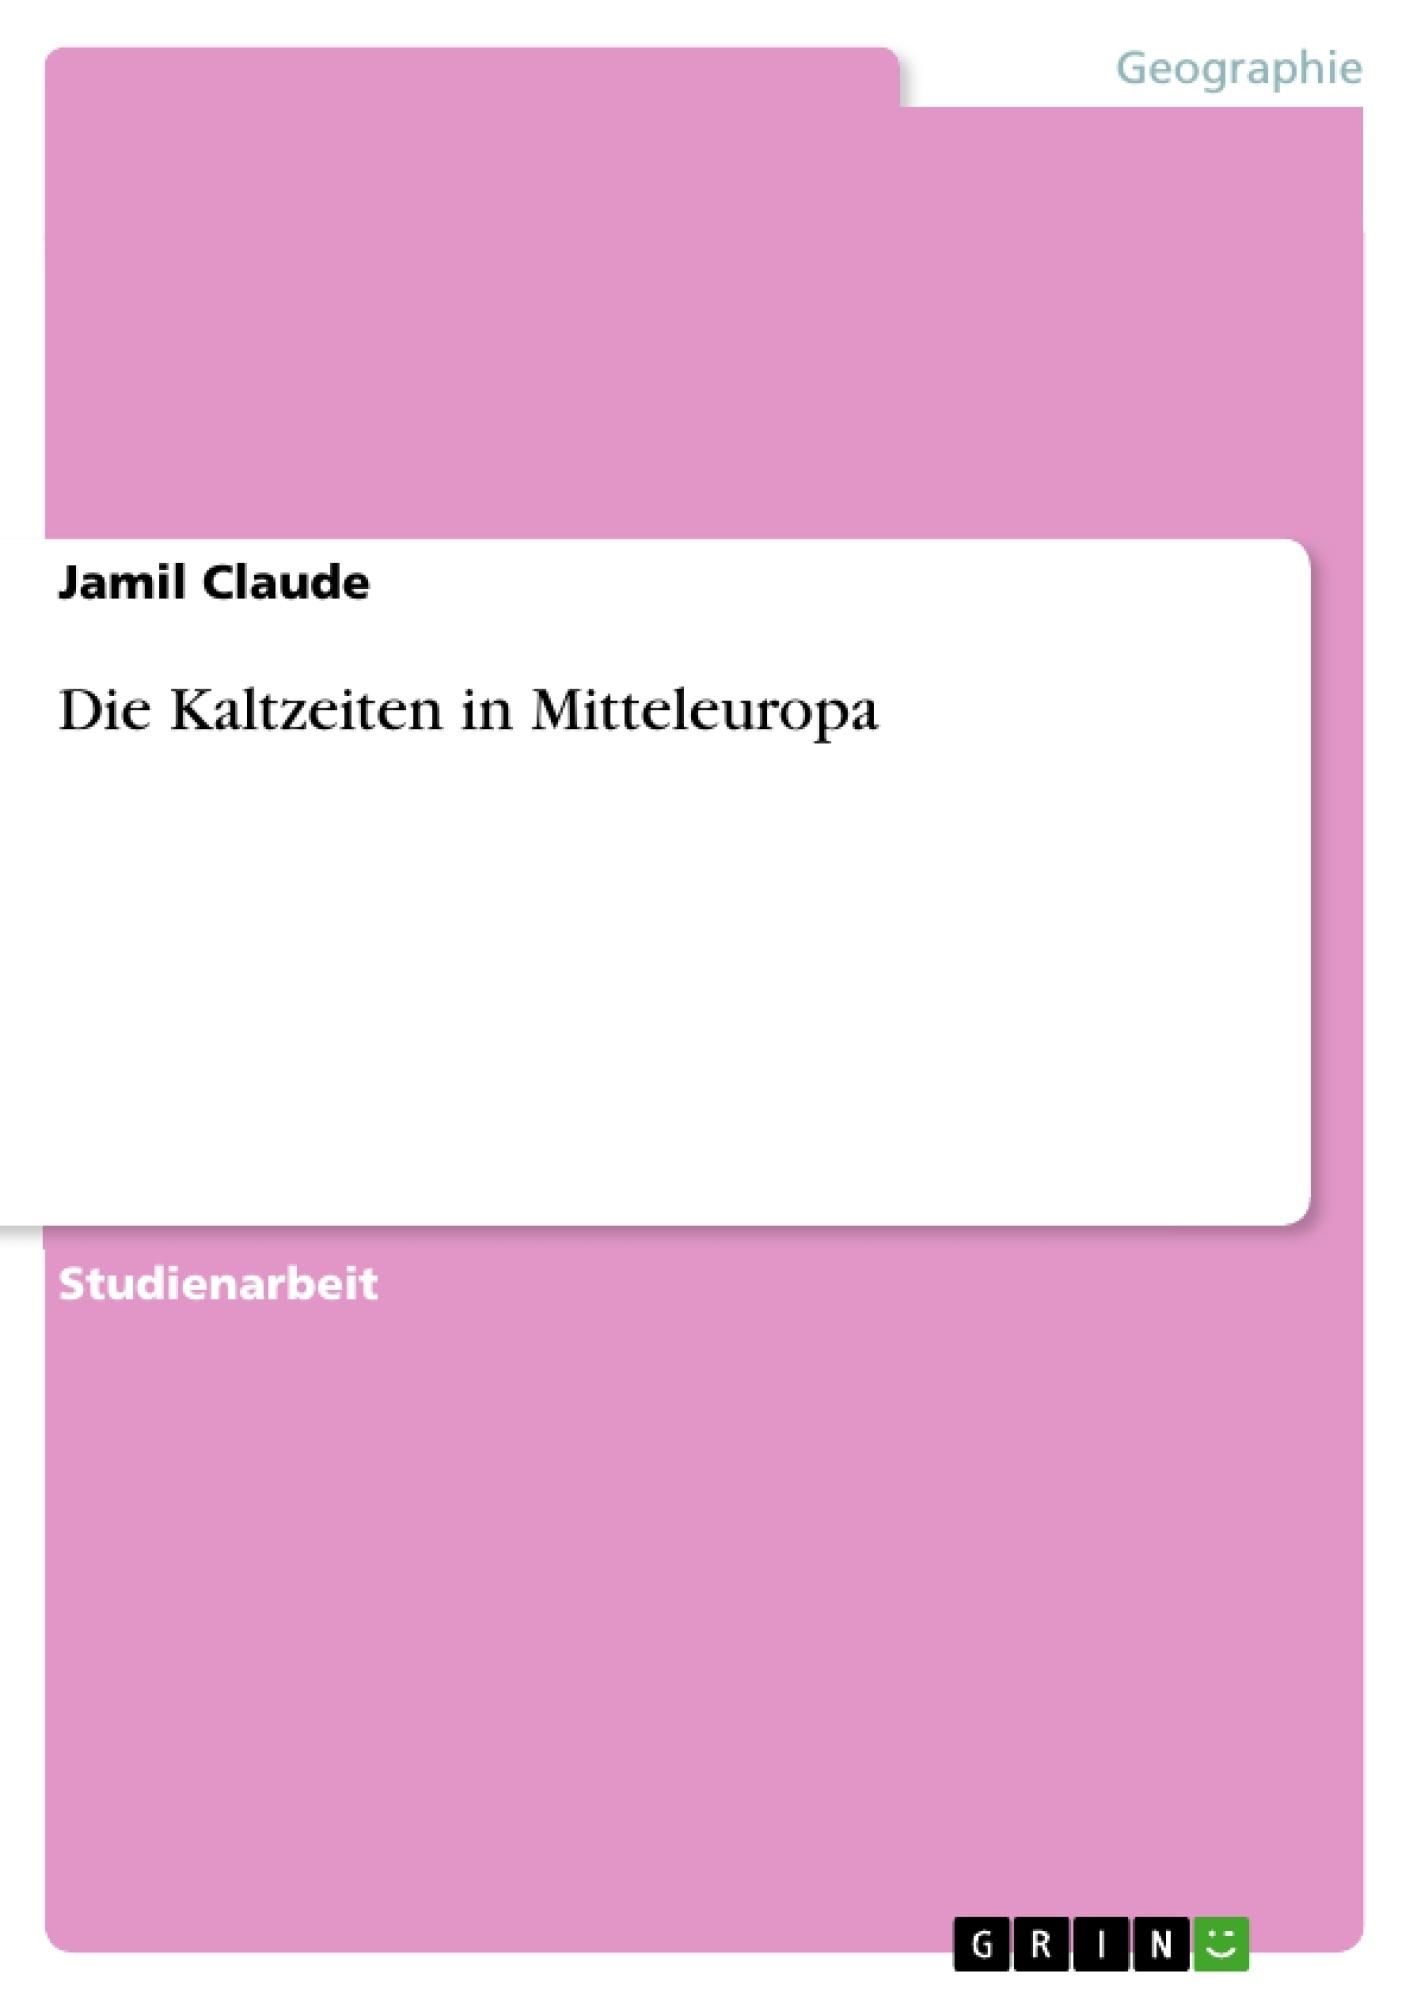 Titel: Die Kaltzeiten in Mitteleuropa